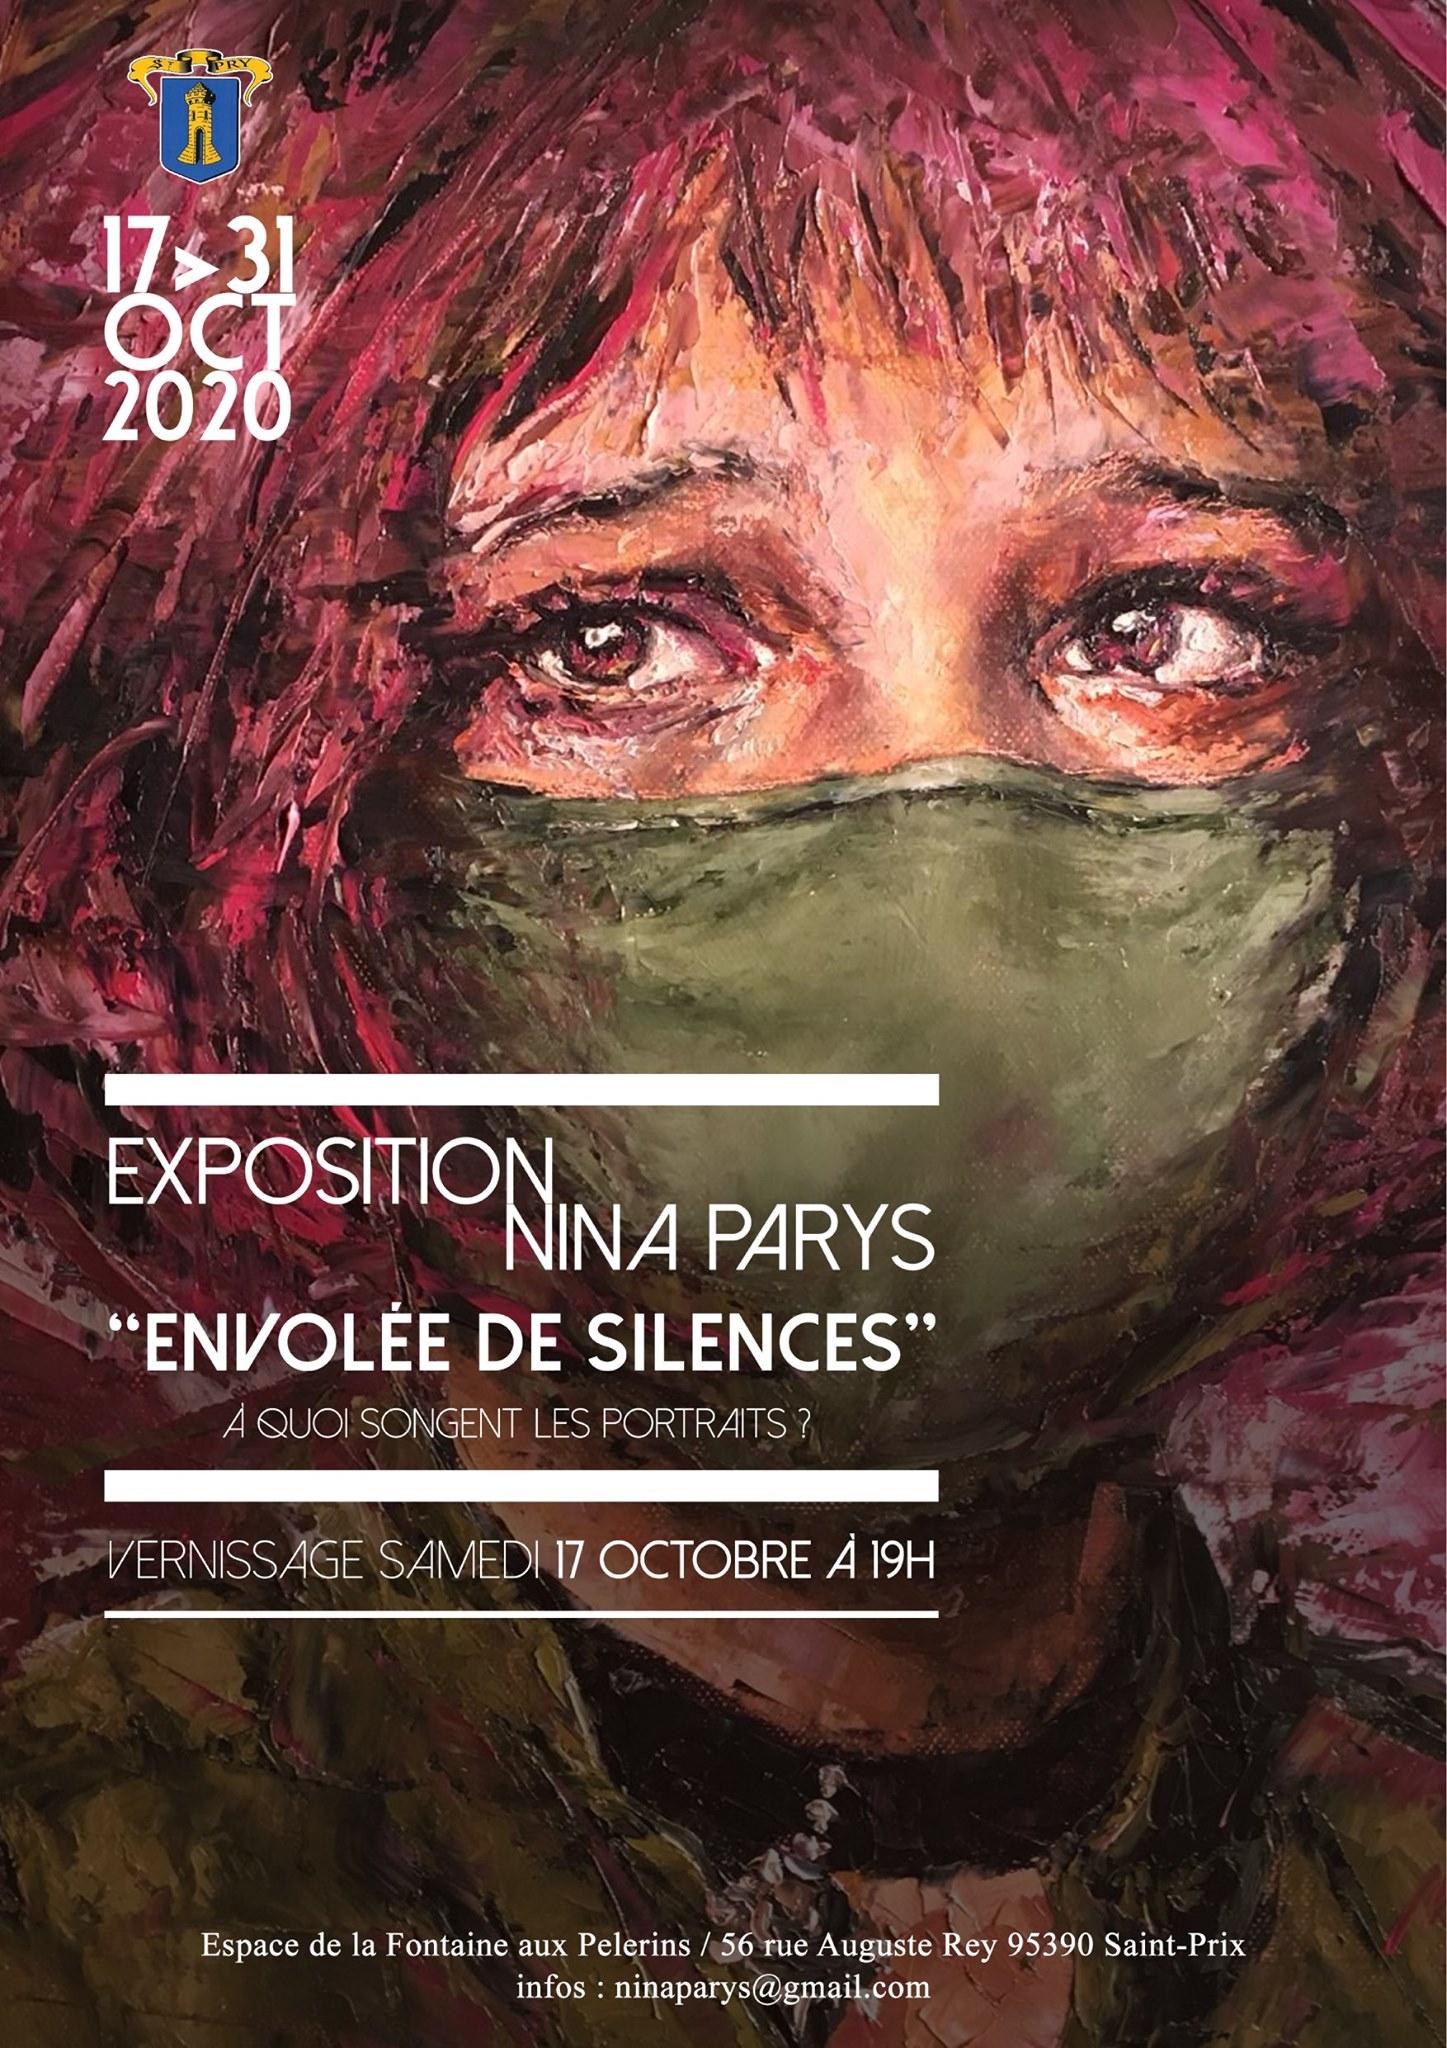 Exposition de Nina Parys